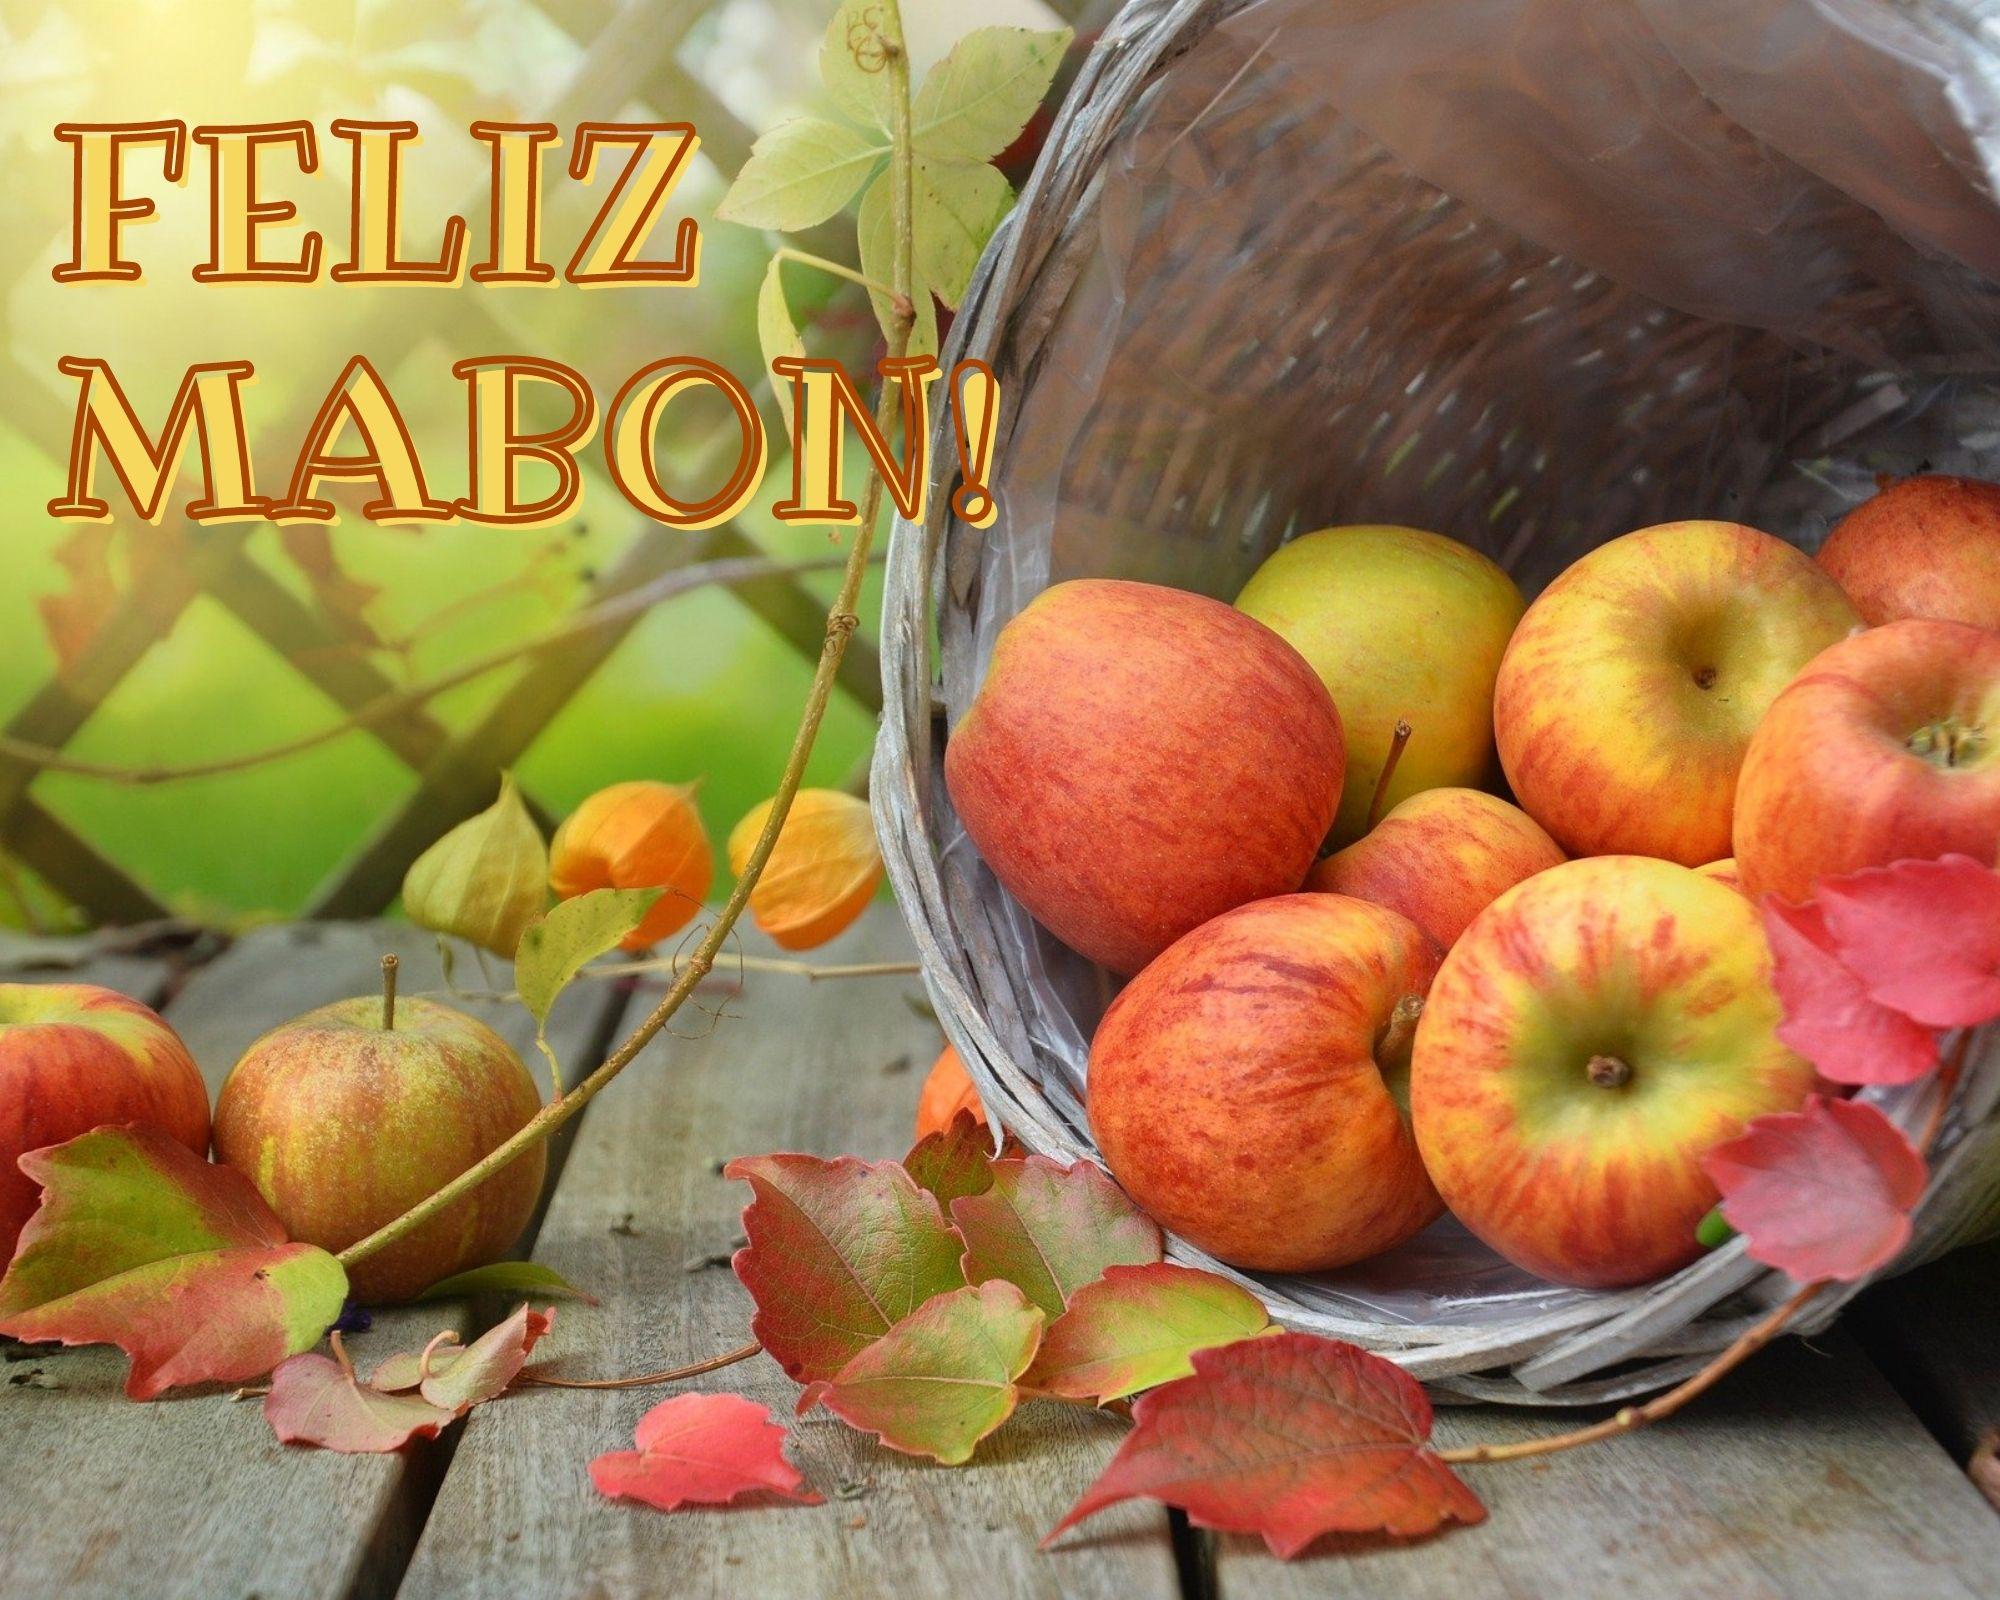 Celebrar Mabon-el equinoccio de Otoño